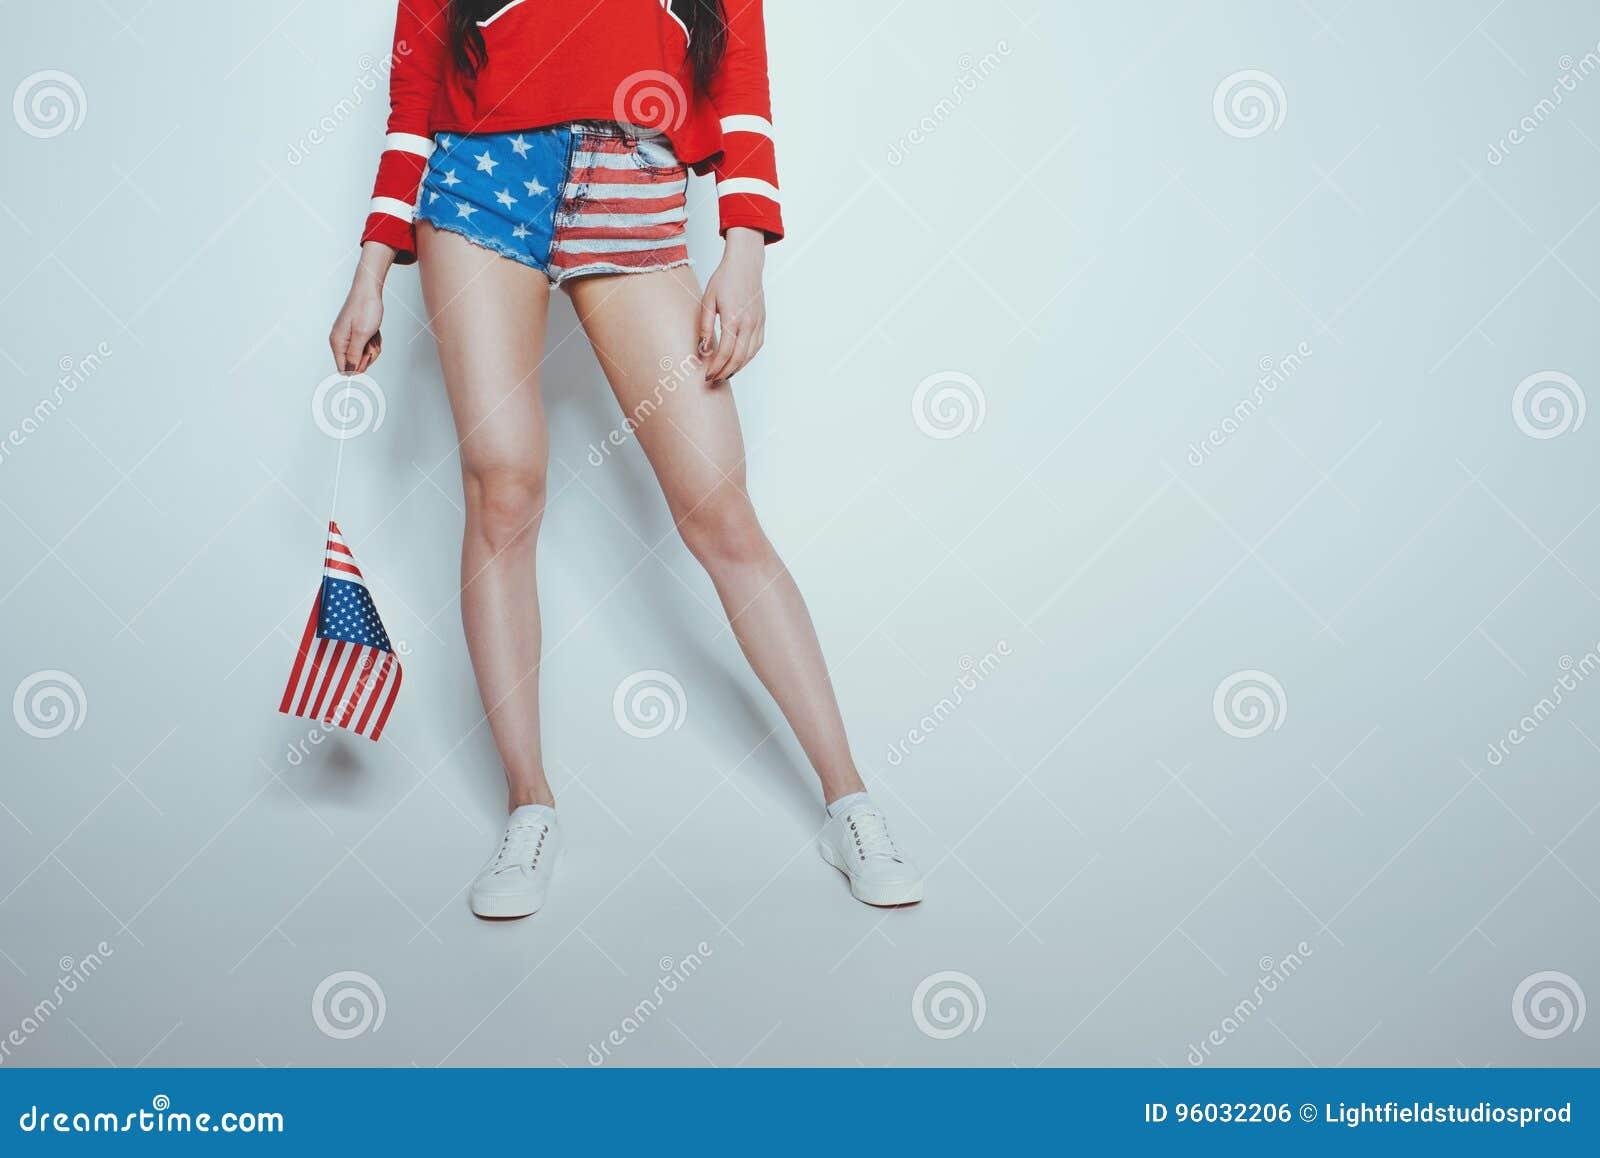 Niska sekcja elegancka modniś dziewczyna w amerykańskim patriotycznym stroju odizolowywającym na popielatym